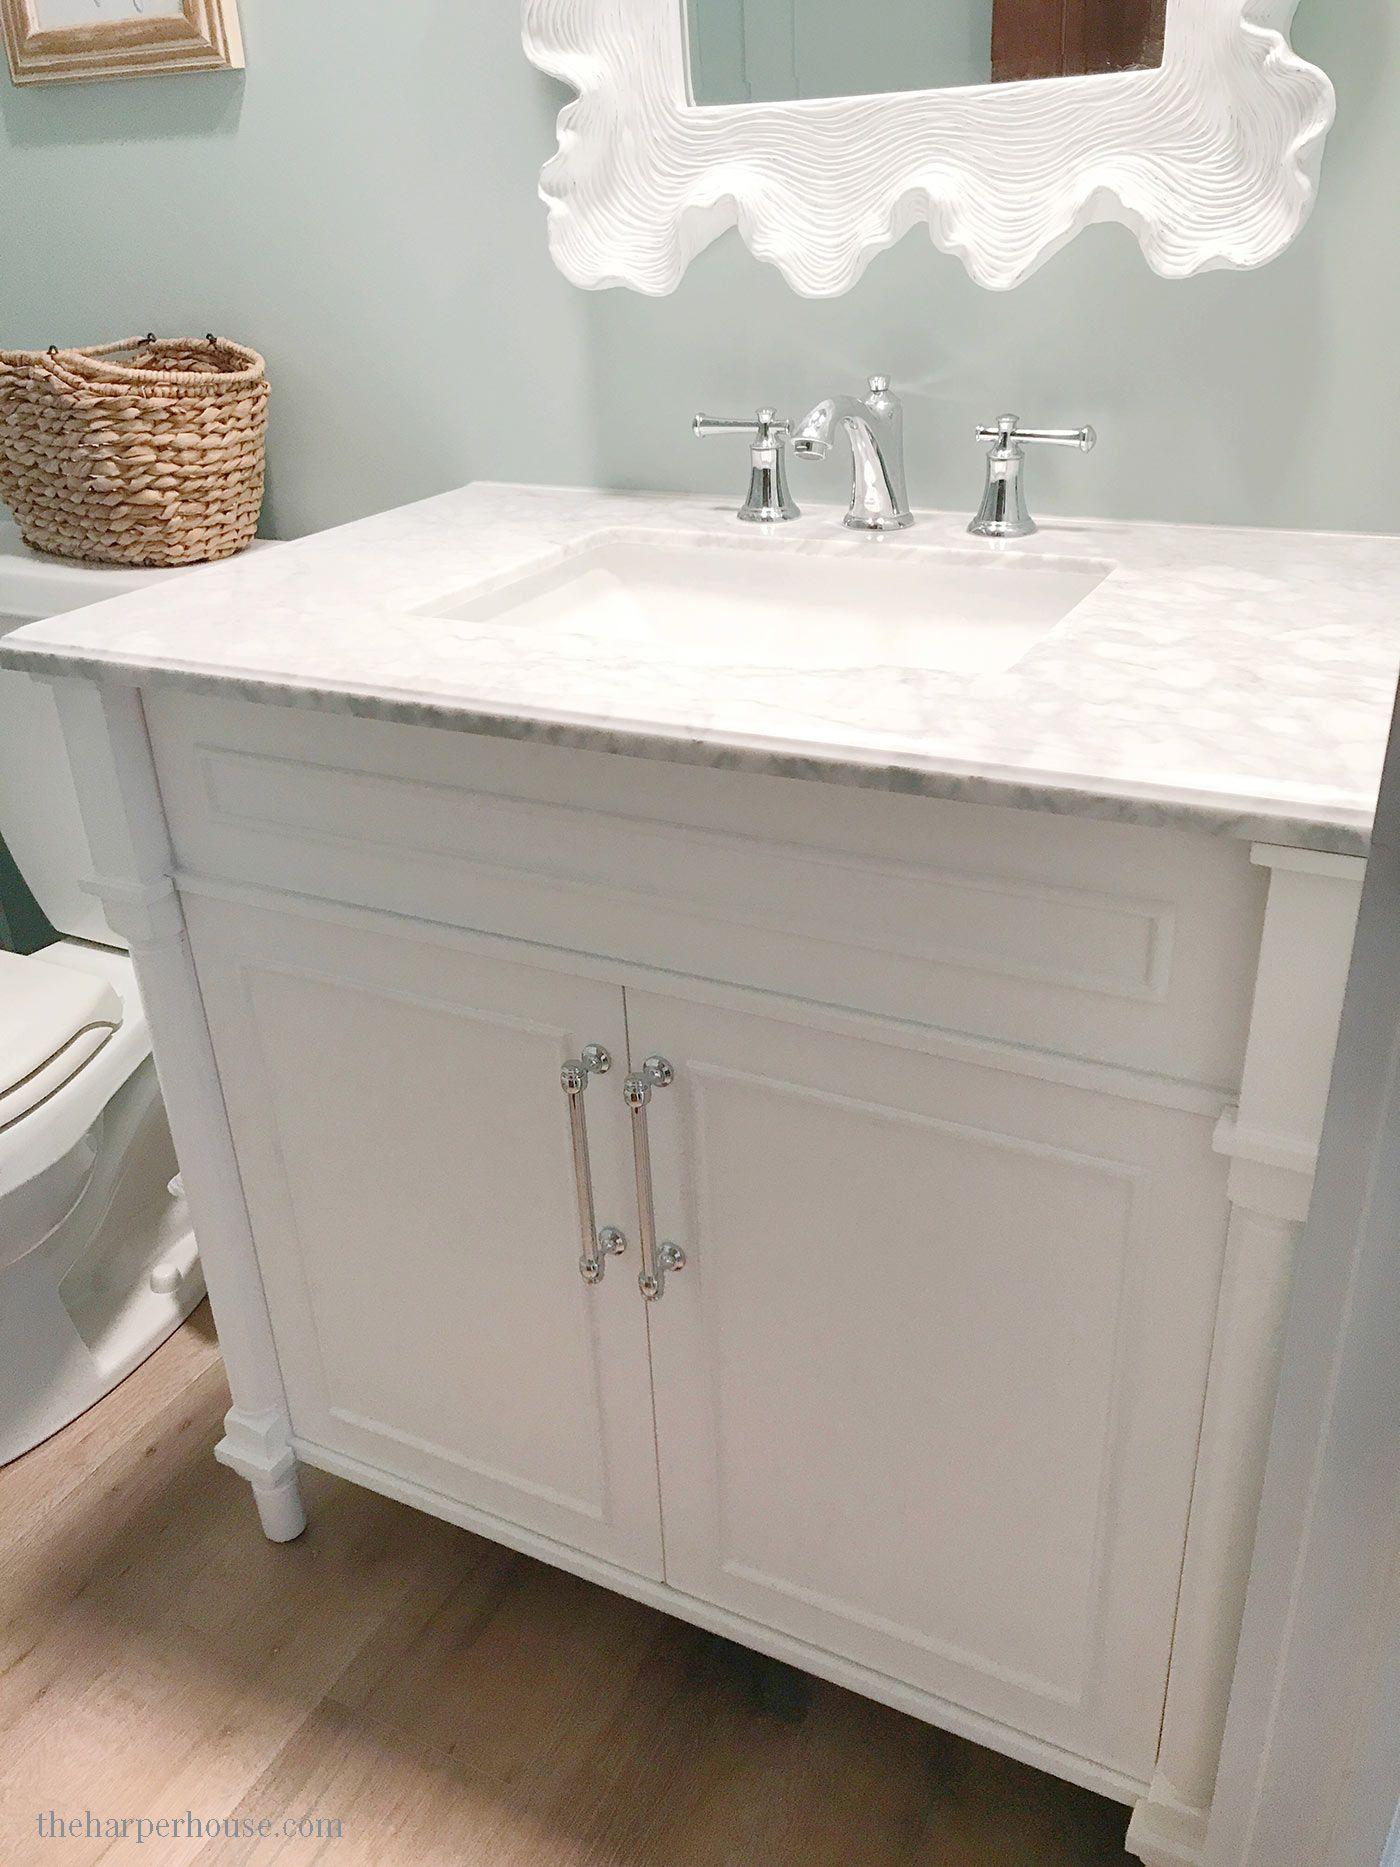 The Ultimate Guide To Buying A Bathroom Vanity Cheap Bathroom Vanities Restroom Remodel Distressed Bathroom Vanity